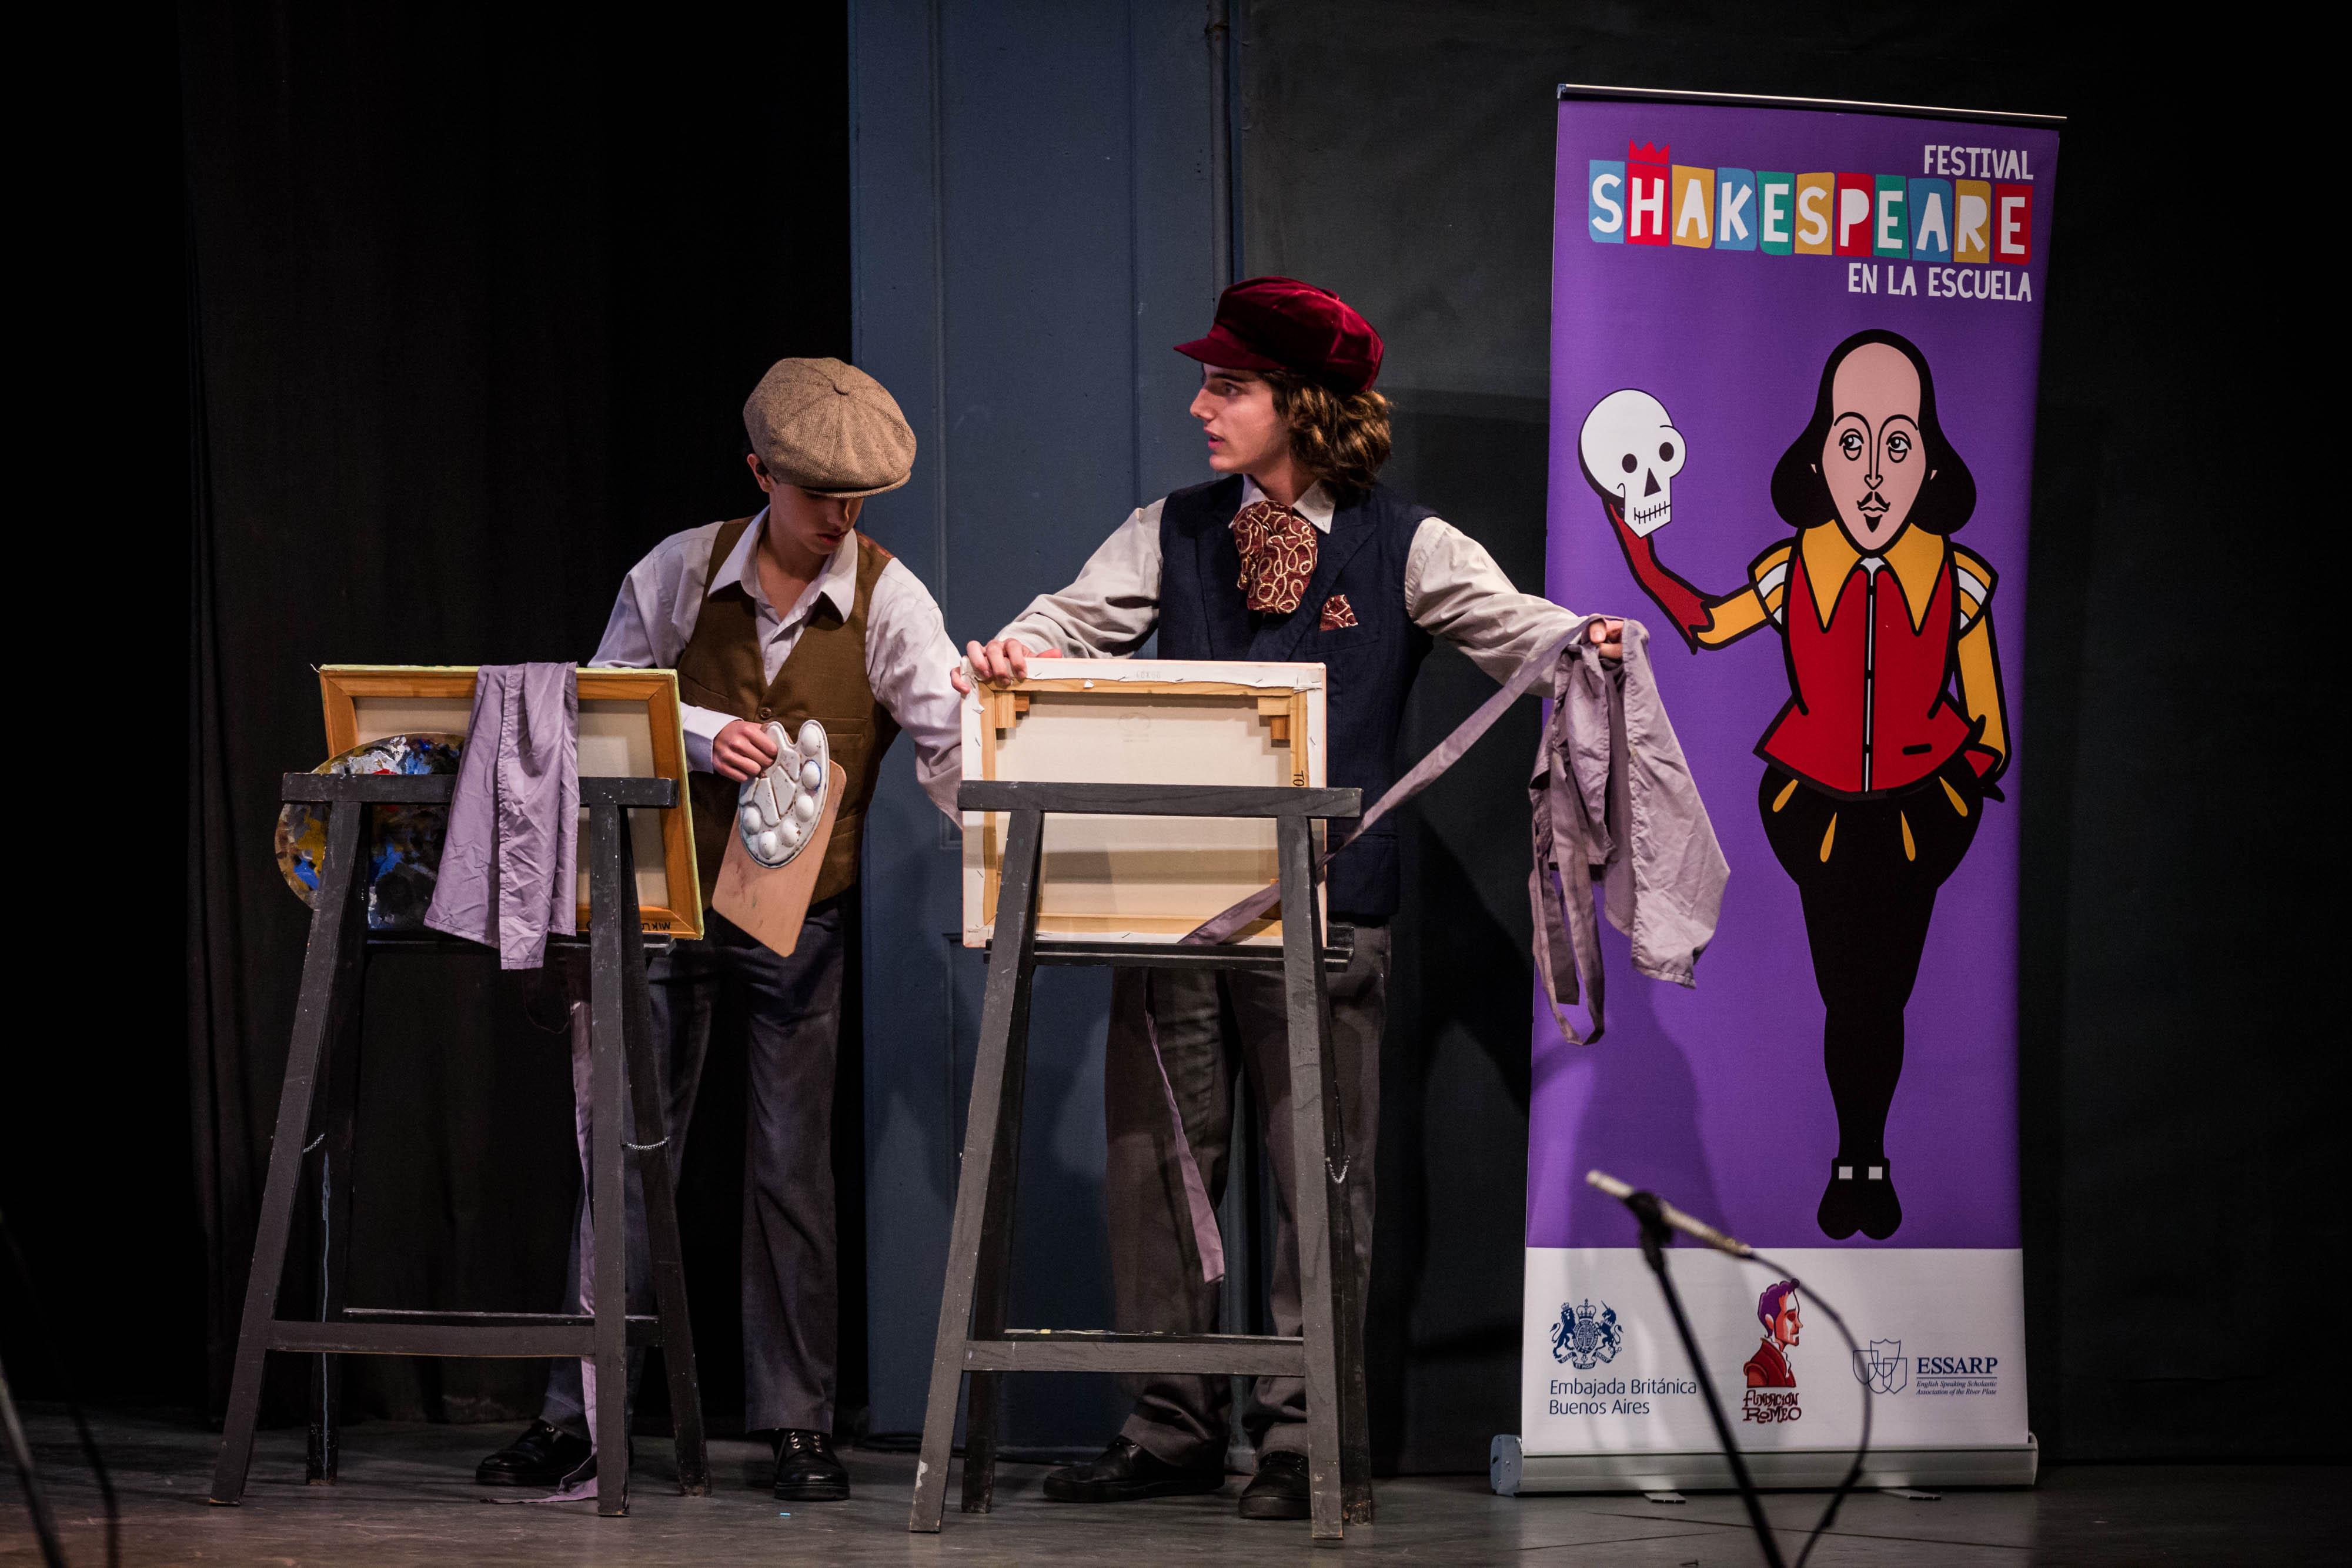 071-Shakespeare en la escuela-050917